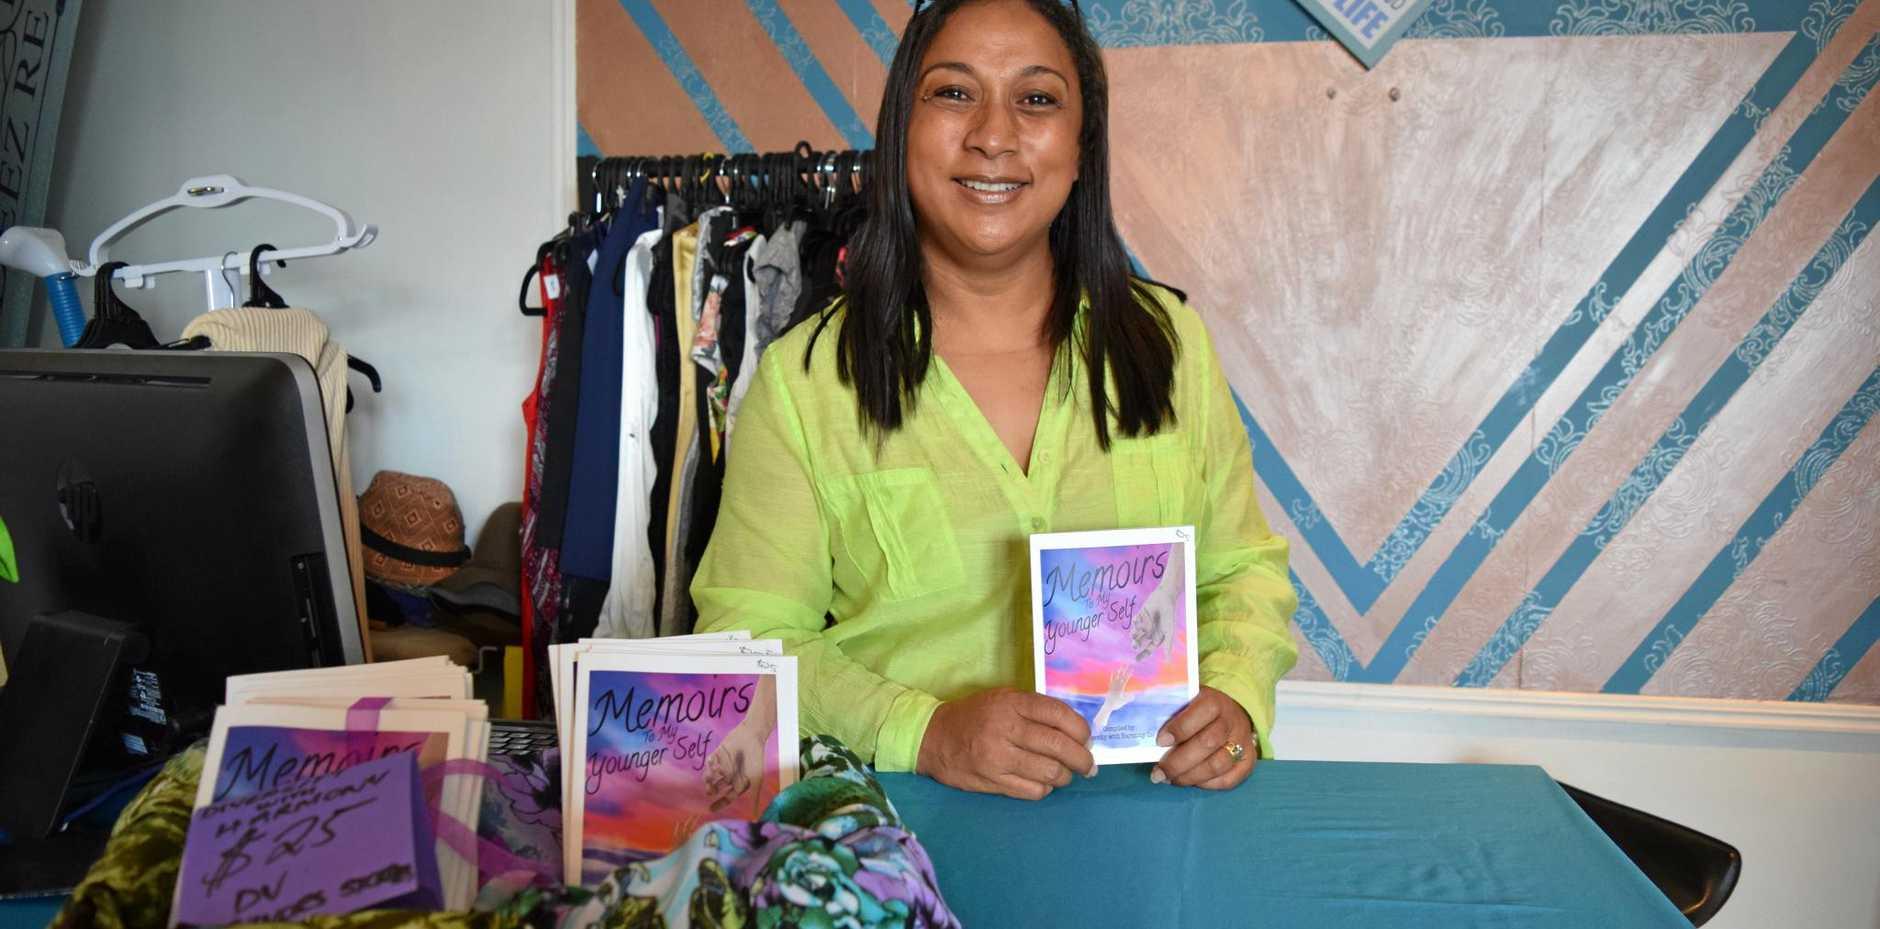 Unga Folau Tupou is promoting domestic violence awareness through fashion.